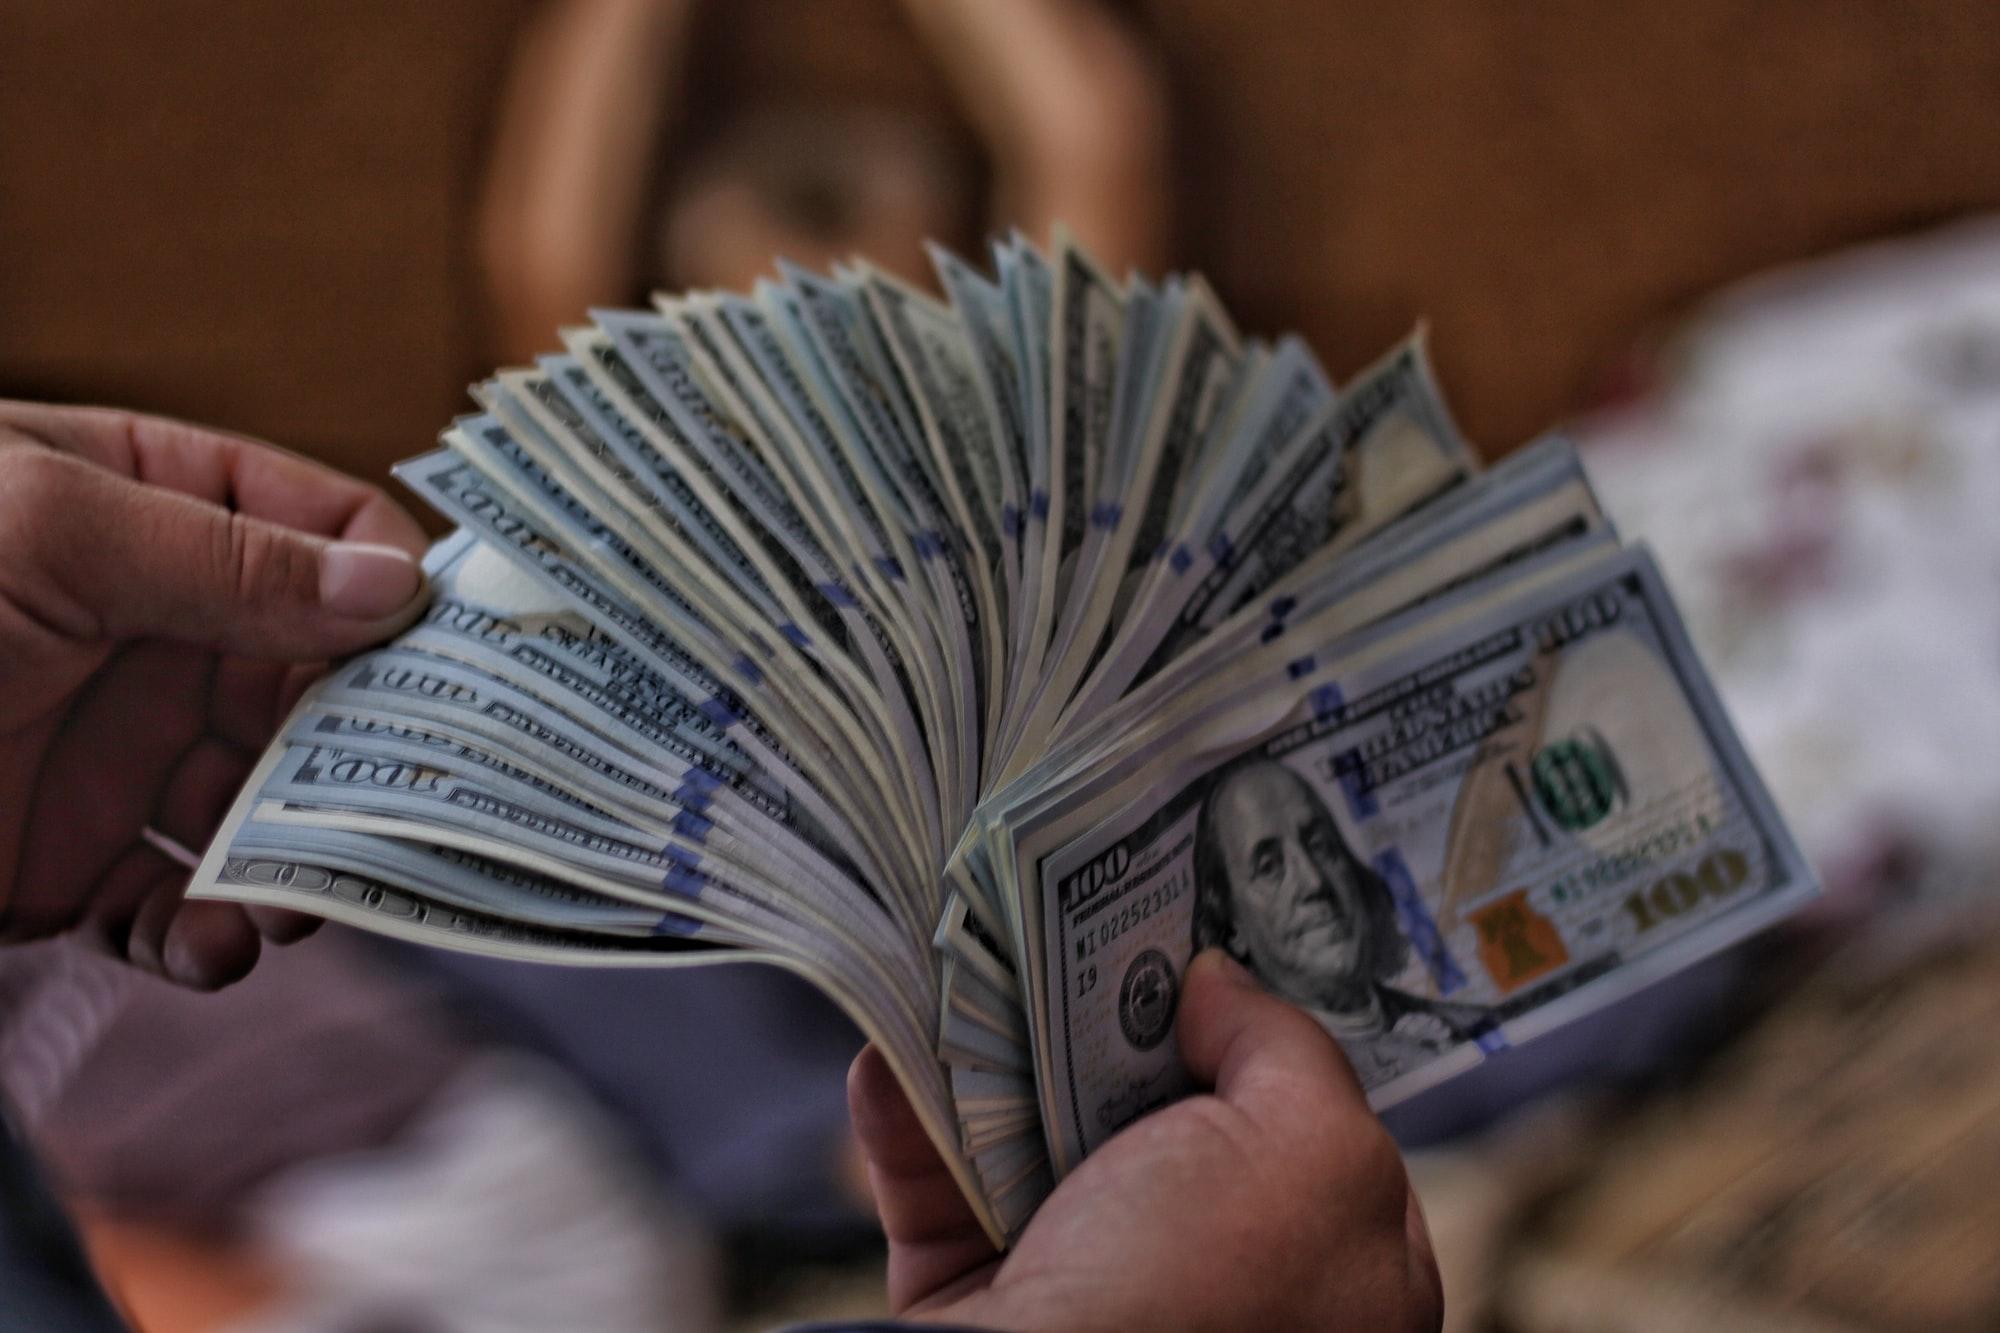 Rapyd lands $300M Series E, as accelerated FinTech demand spurs growth